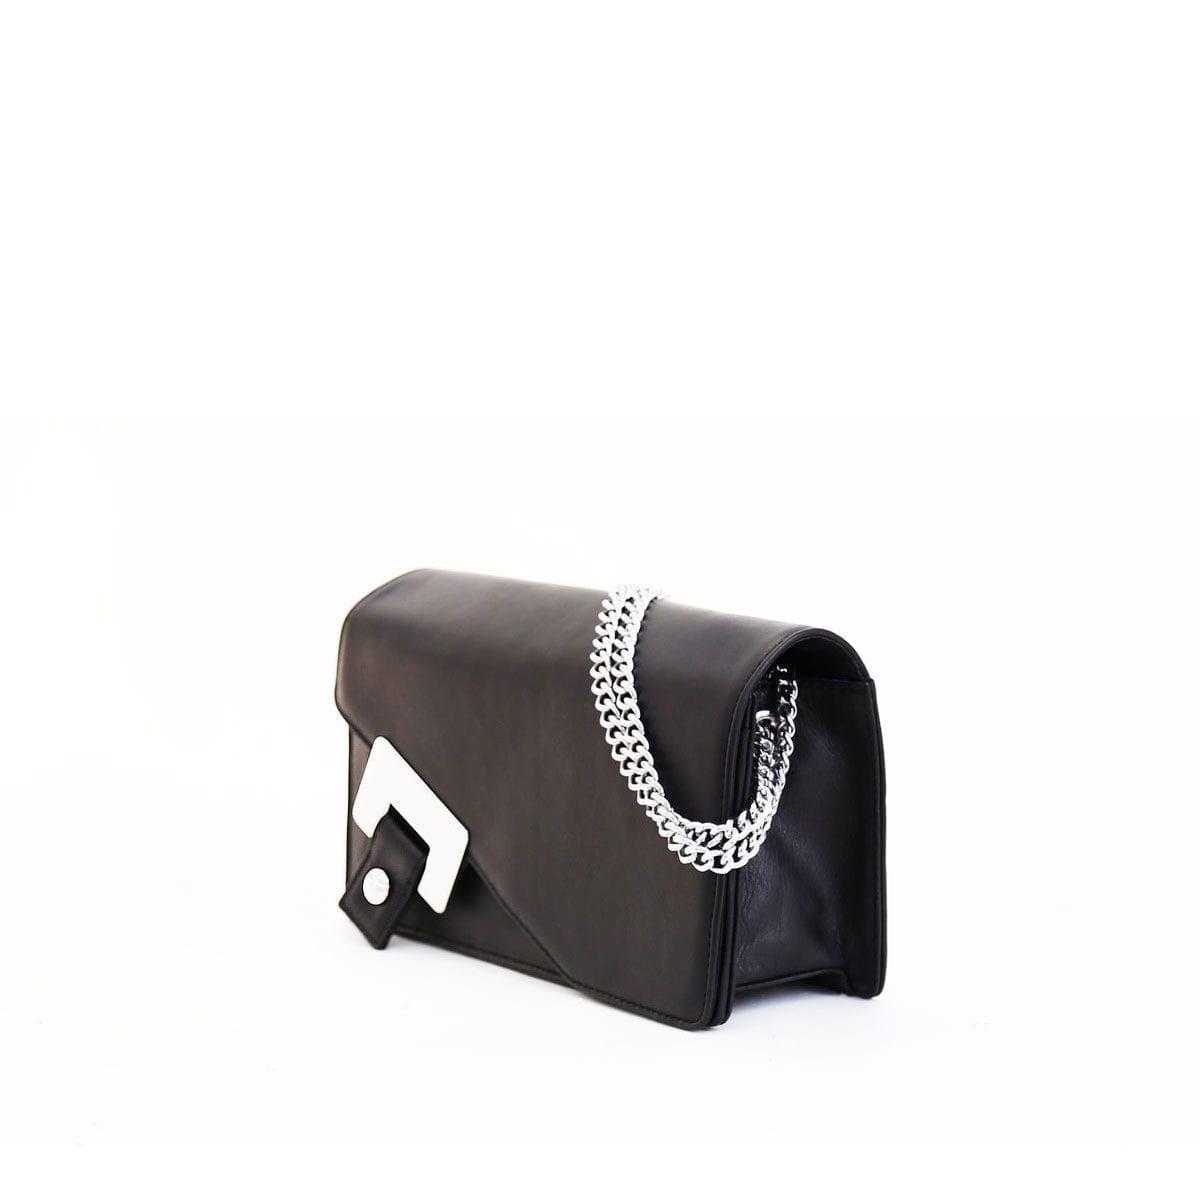 bda8ccac7d Tilda Small Shoulder Bag Black – Lumi Accessories